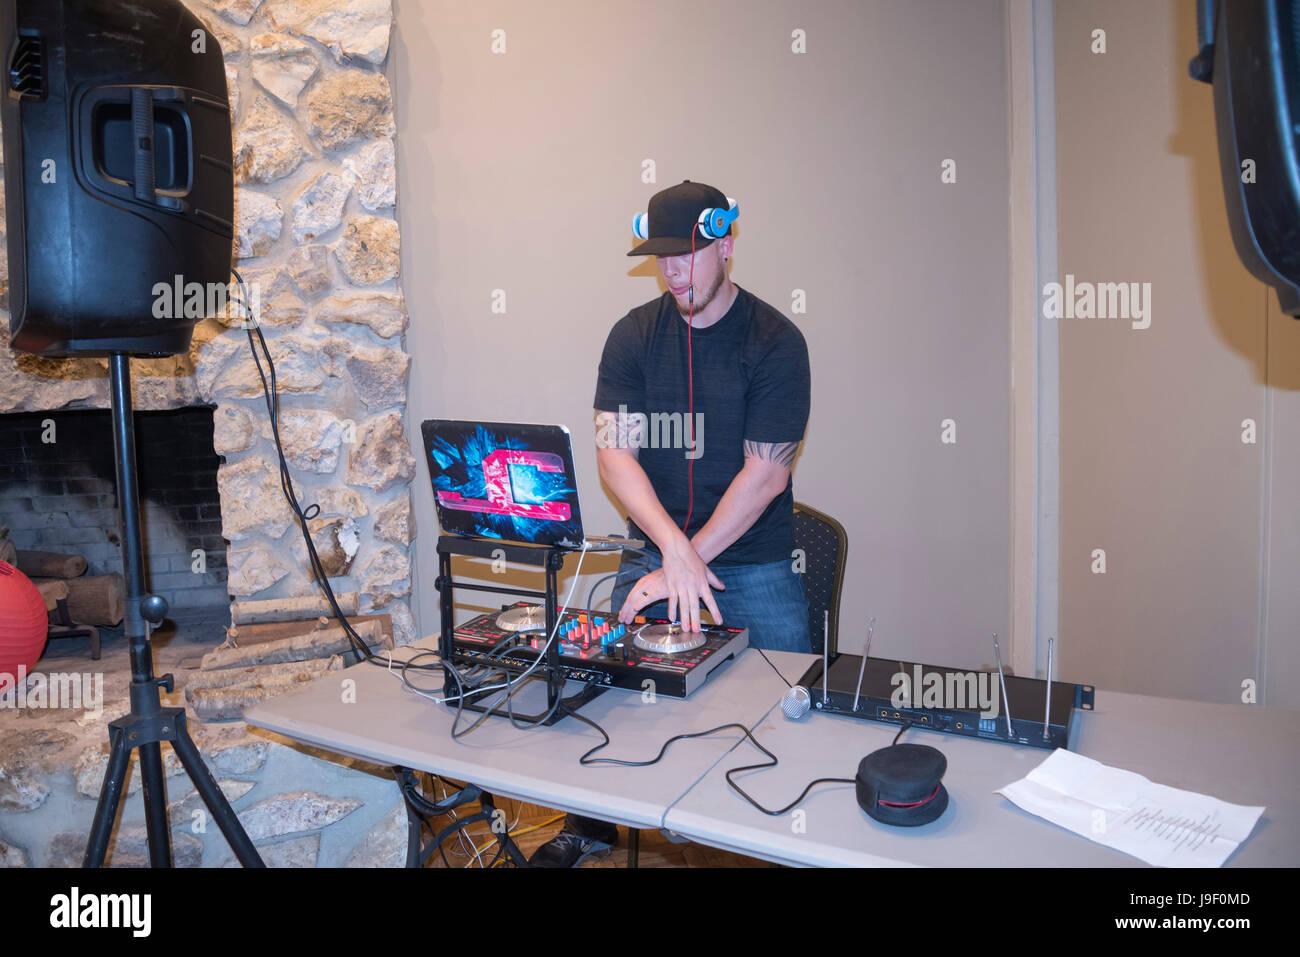 Event Disc Jockey mixes the sounds. - Stock Image